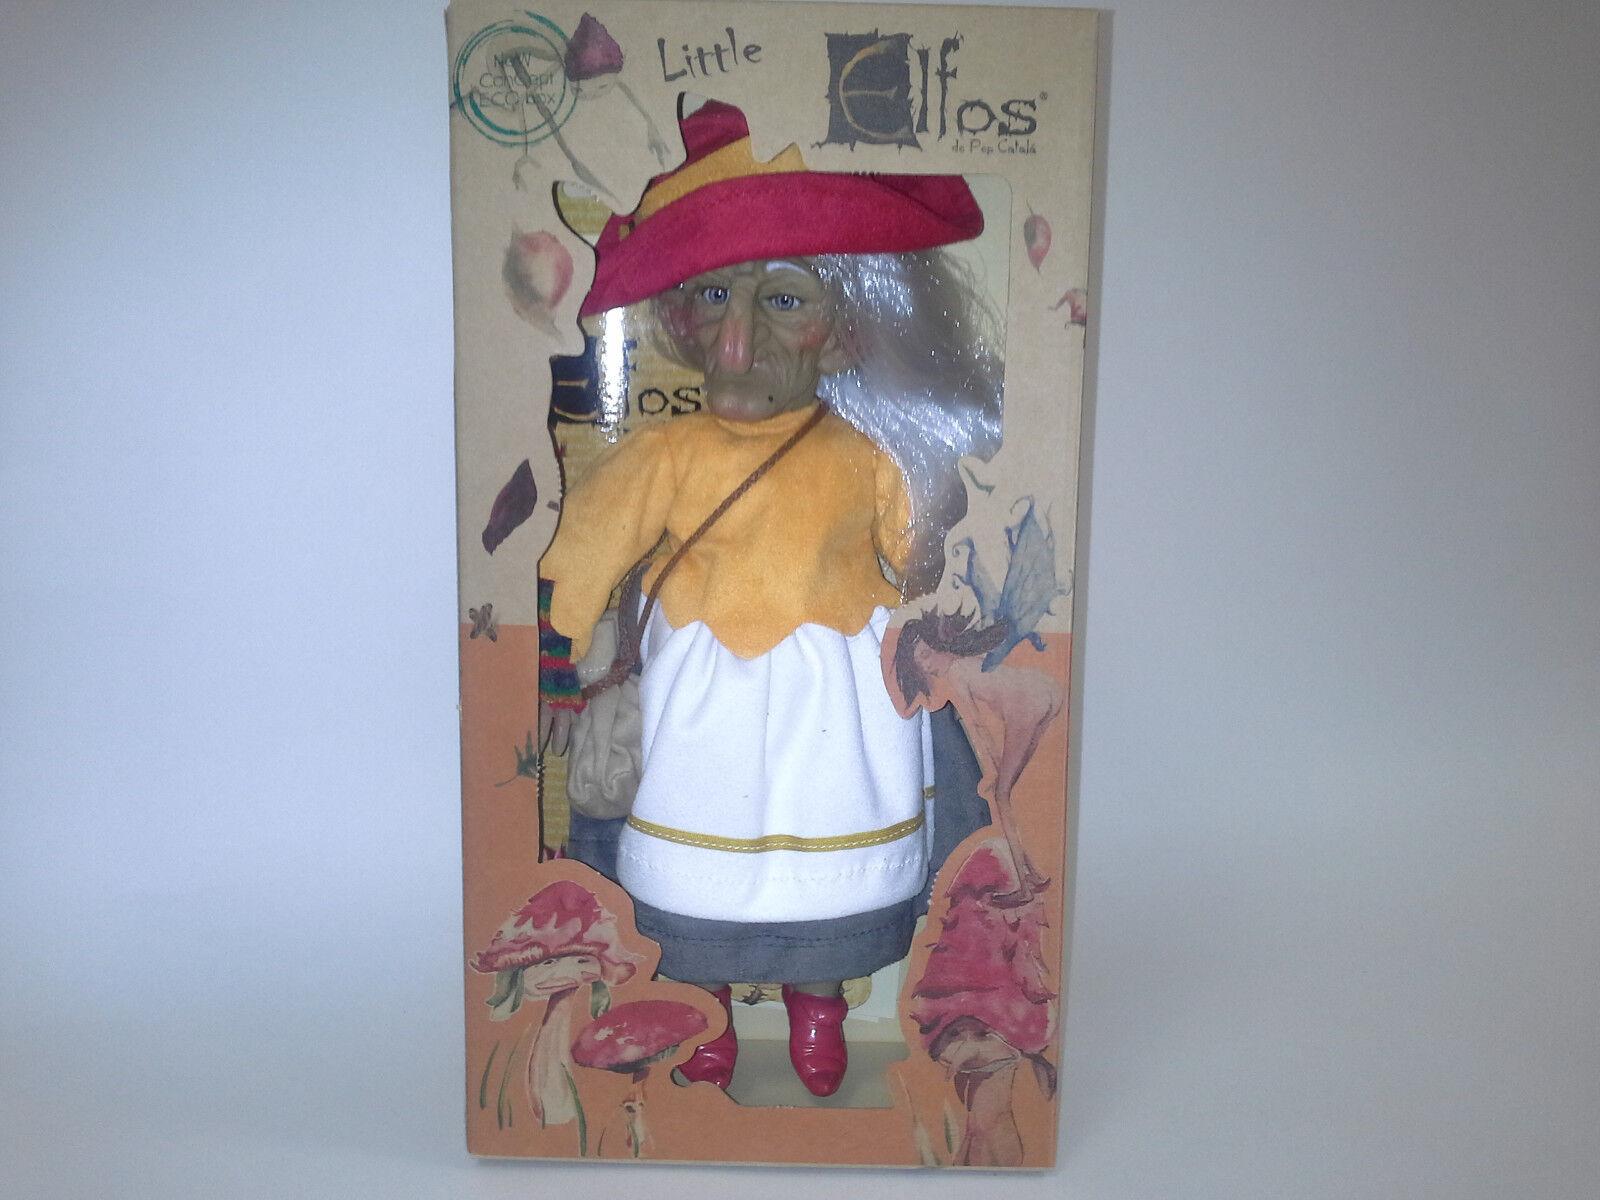 Little elfos, Elf bruixeta, 28 Cm. Colección artículo. 41017. nuevo